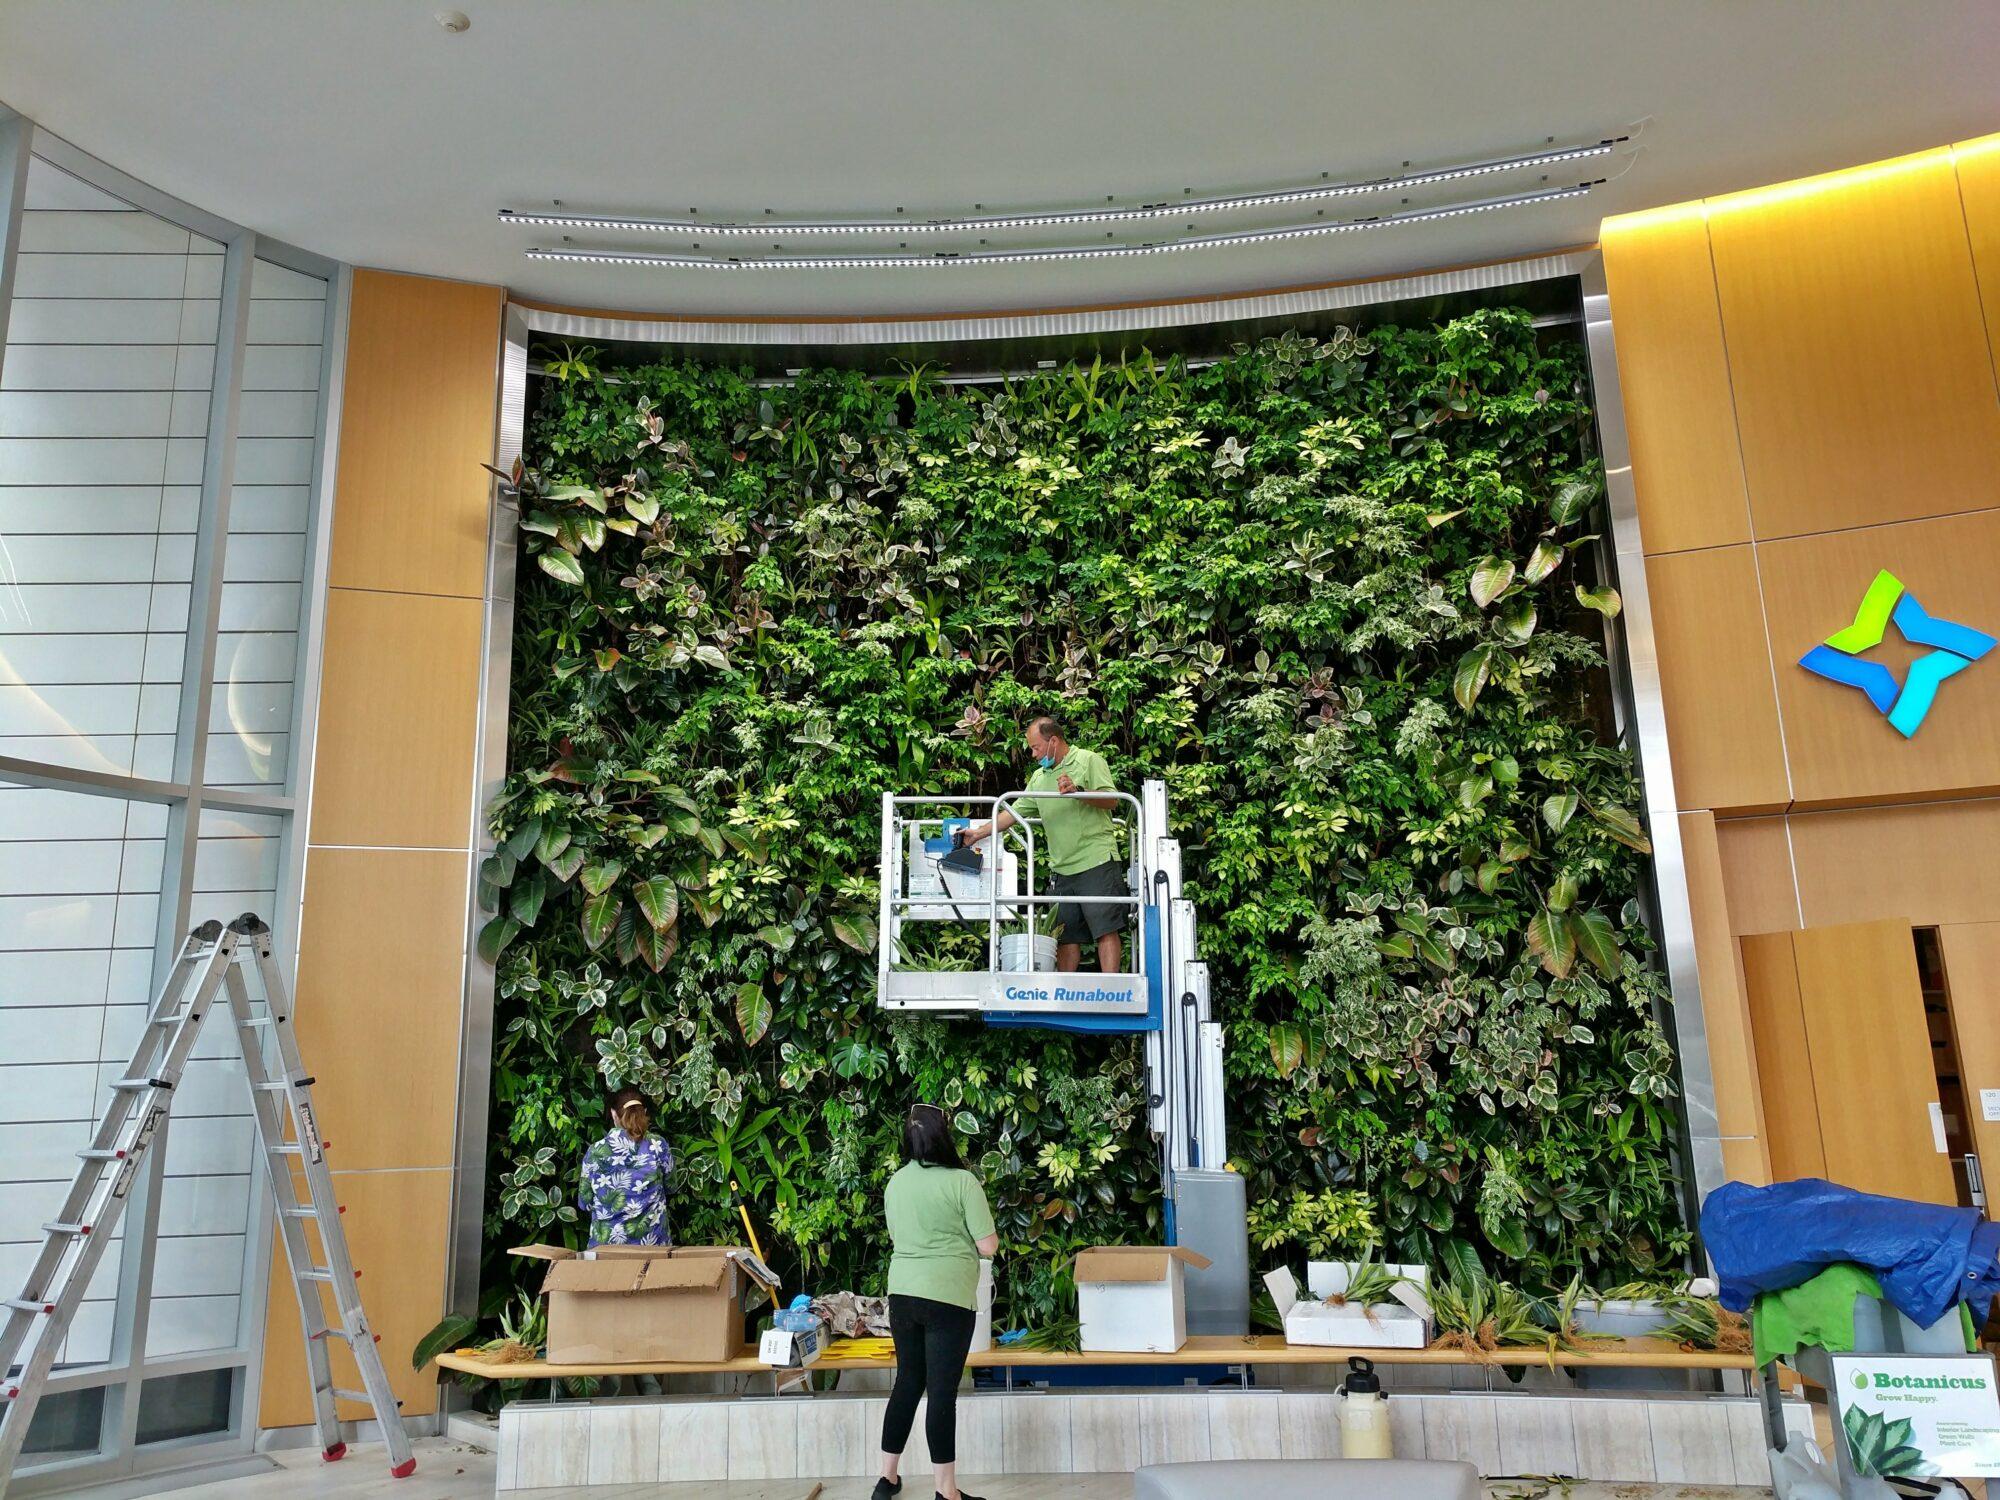 Botanicus Green Wall at Delaware North lobby